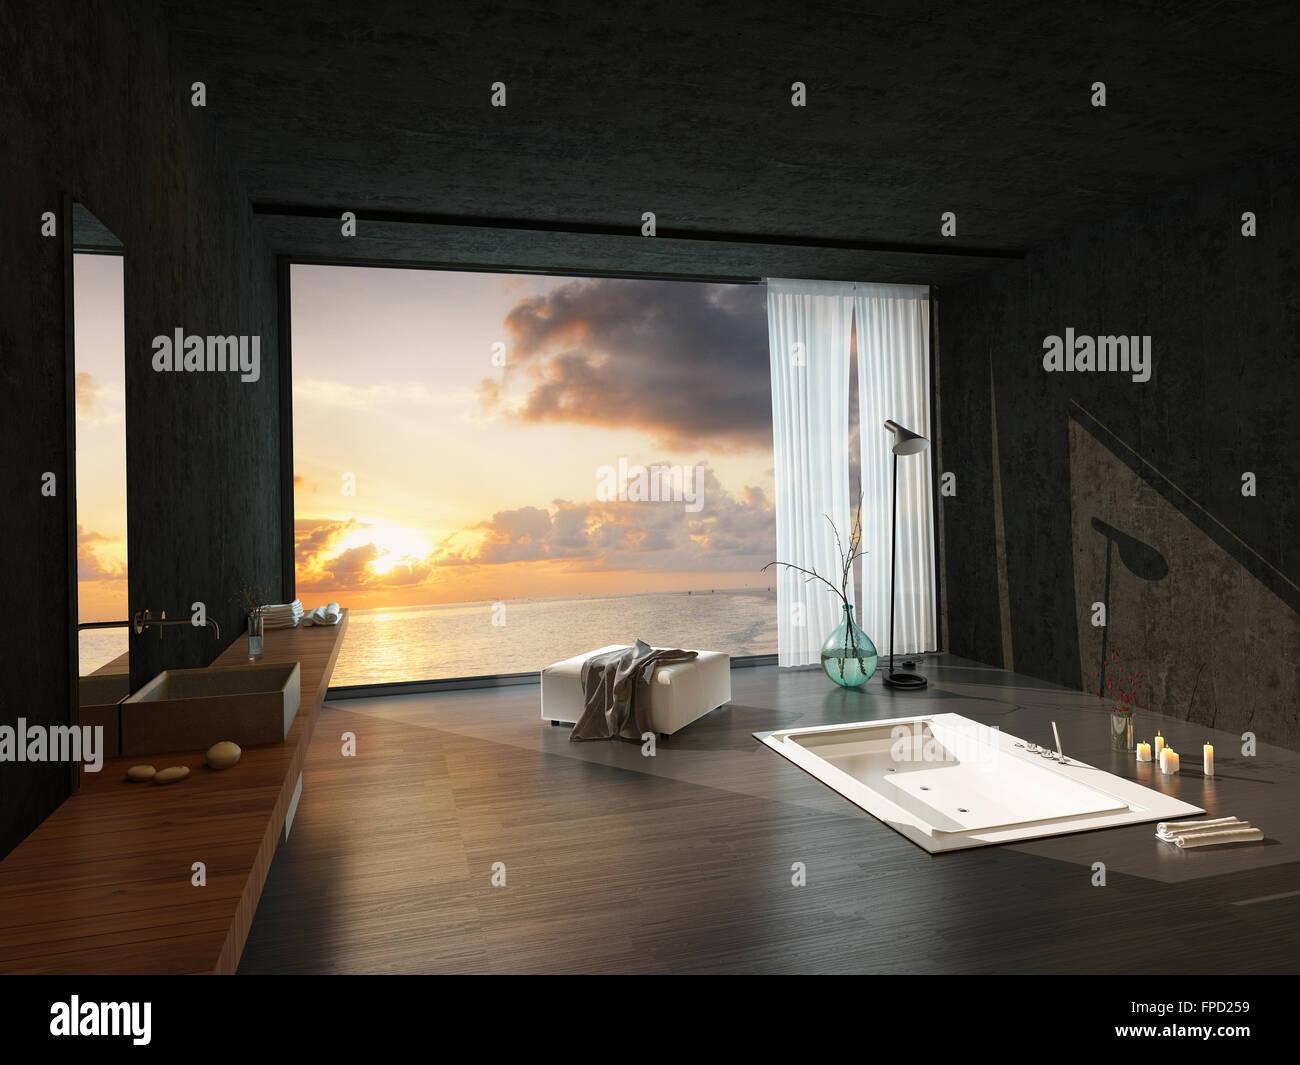 Versenkte Badewanne In Eine Moderne Luxus Badezimmer Mit Einem Farbenfrohen  Sonnenuntergang Sichtbar Durch Die Großen Fenster